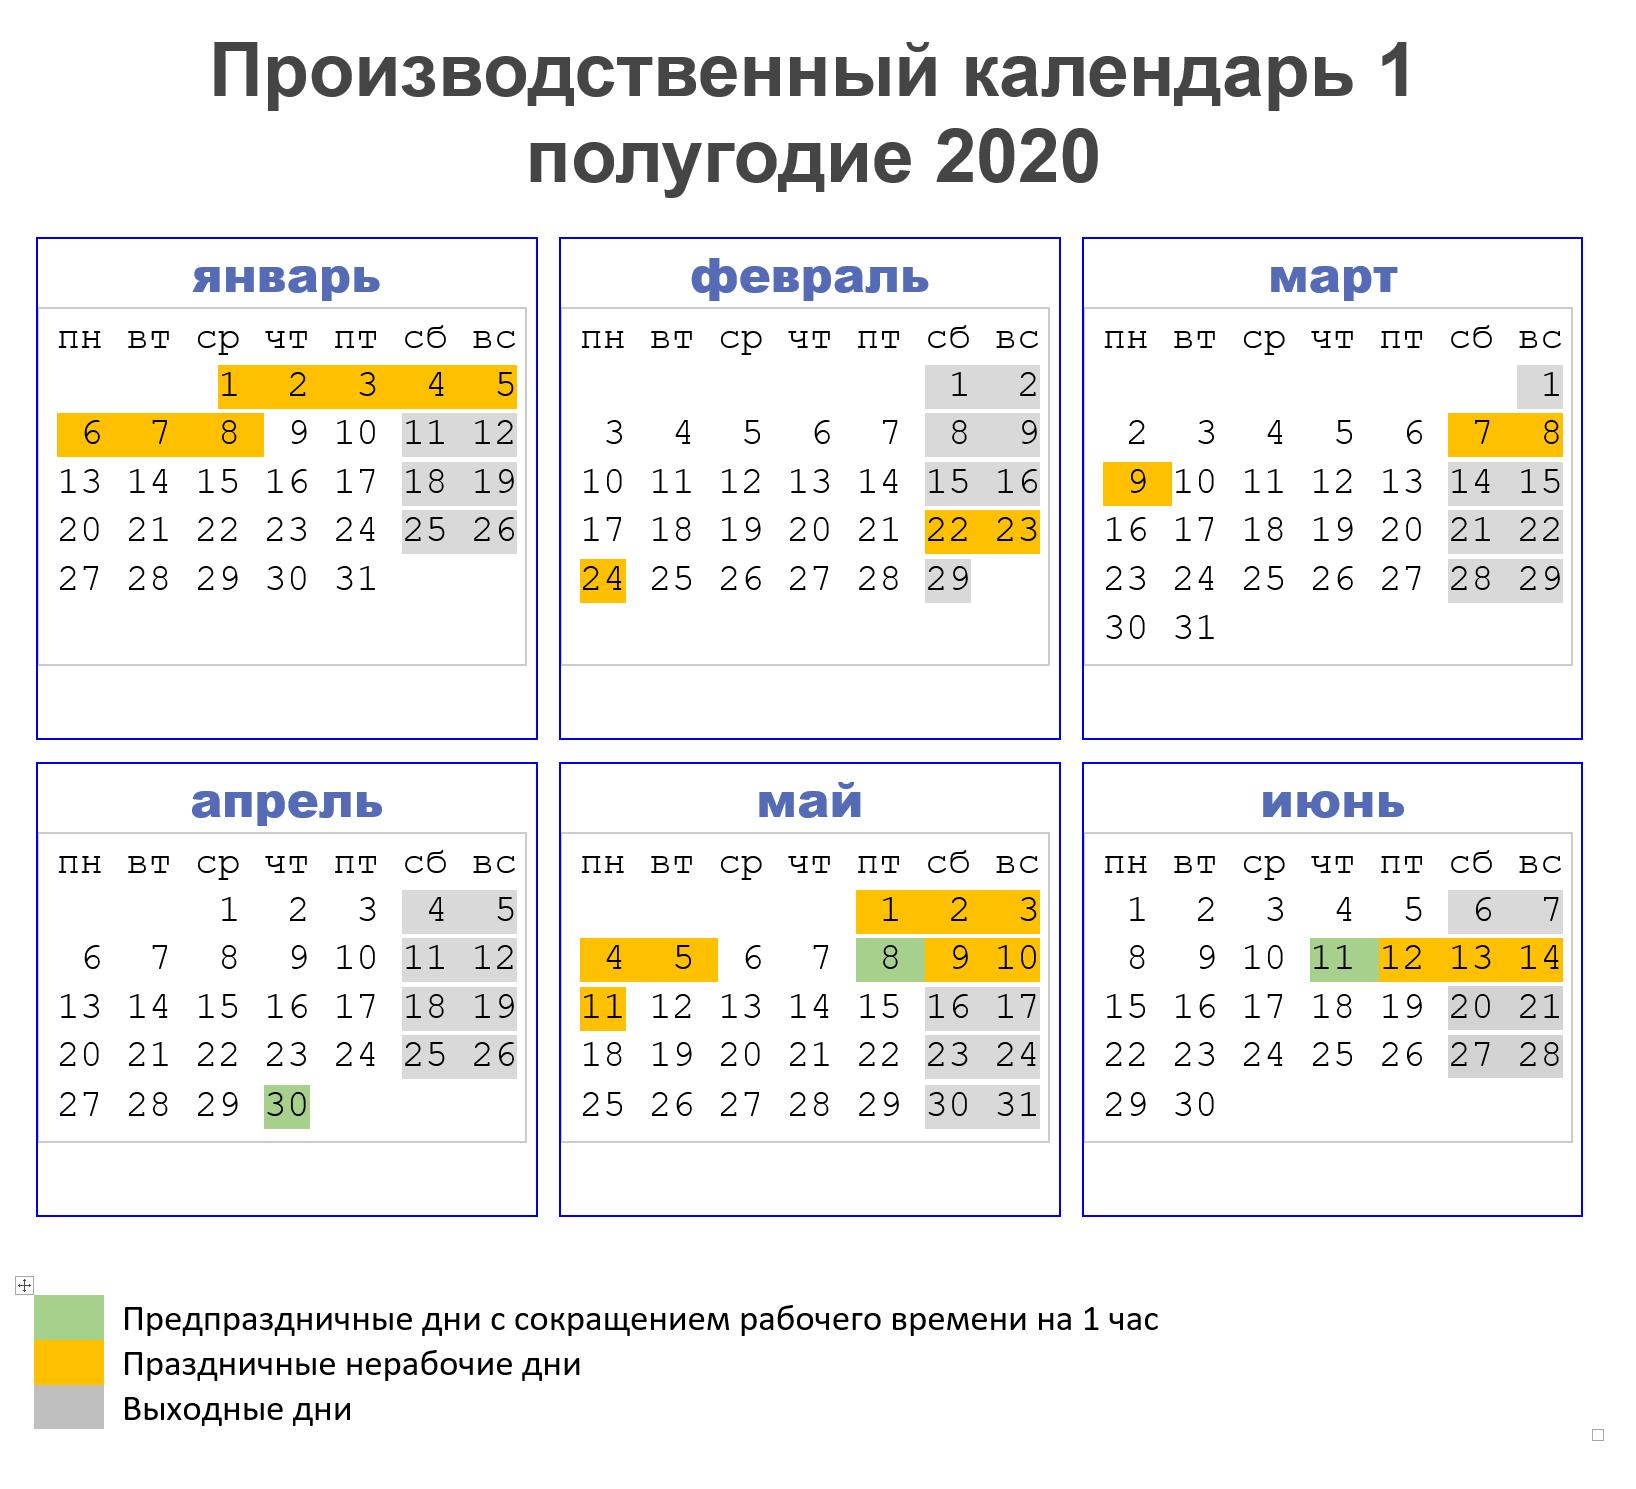 Производственный календарь на 1 полугодие 2020